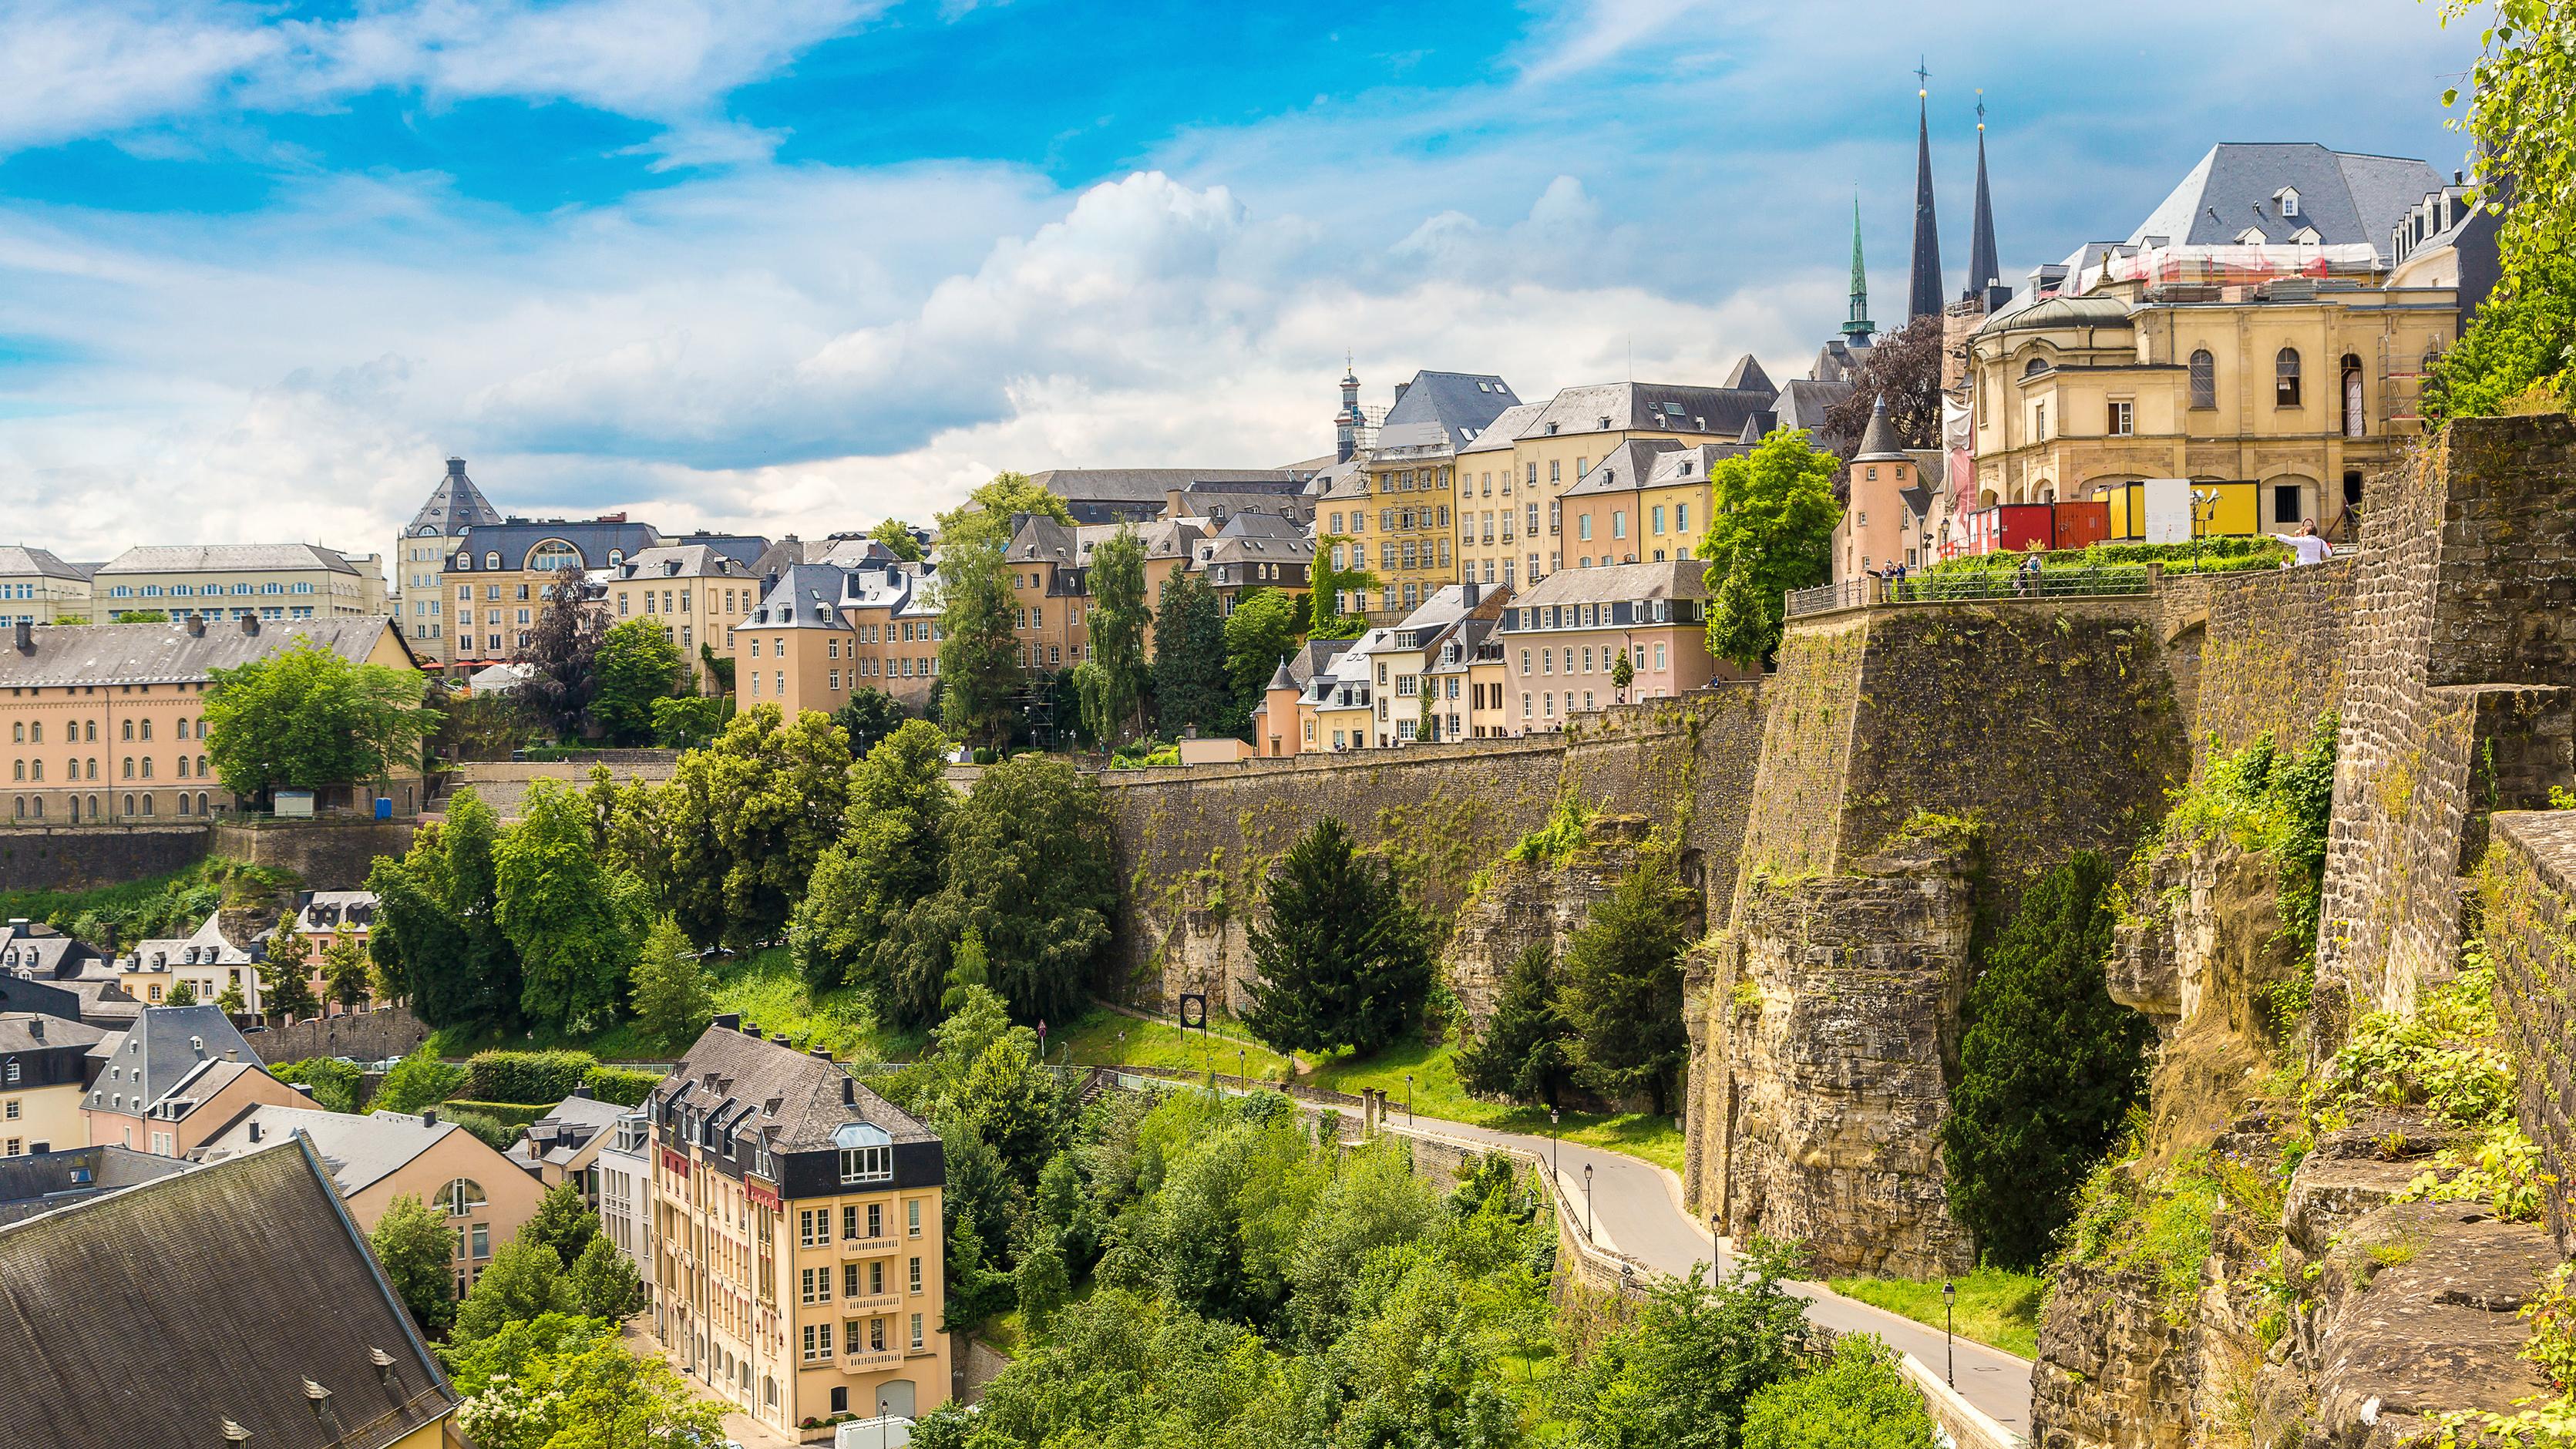 Люксембург страна, ВНЖ которой могут получить россияне, украинцы и белорусы